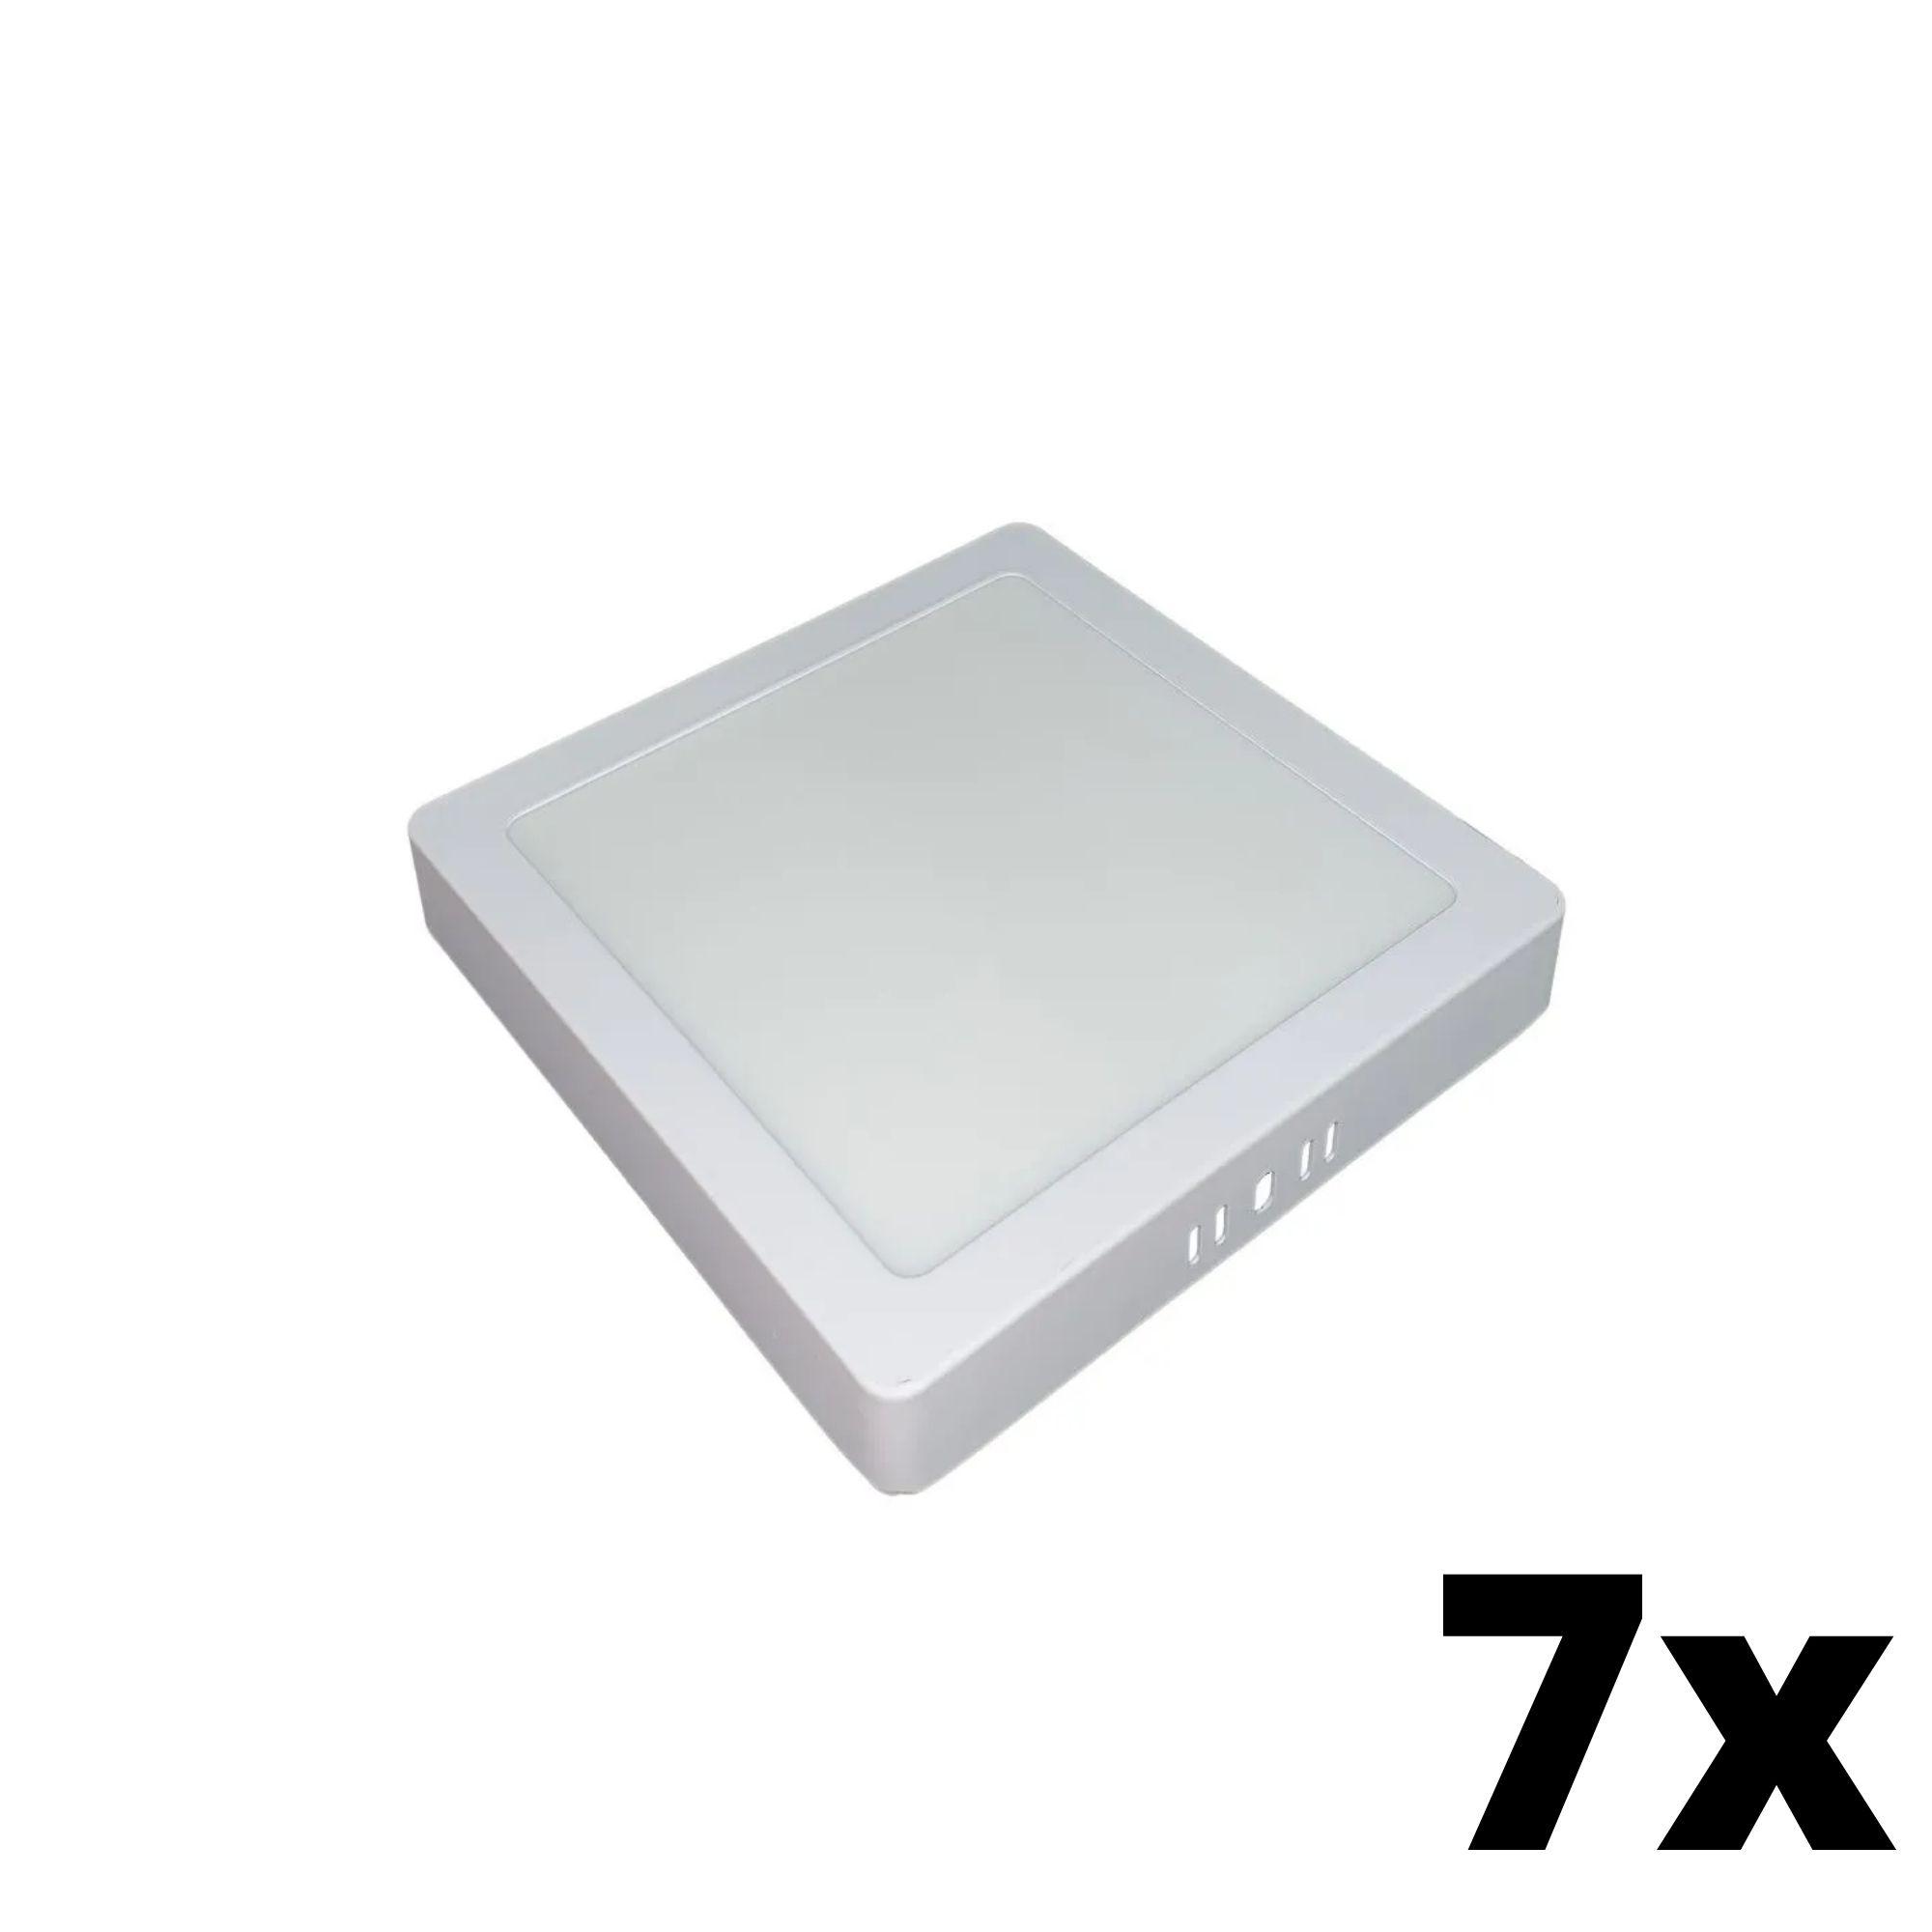 Kit 7 und Painel de Led Sobrepor 24w Quadrado 6500k